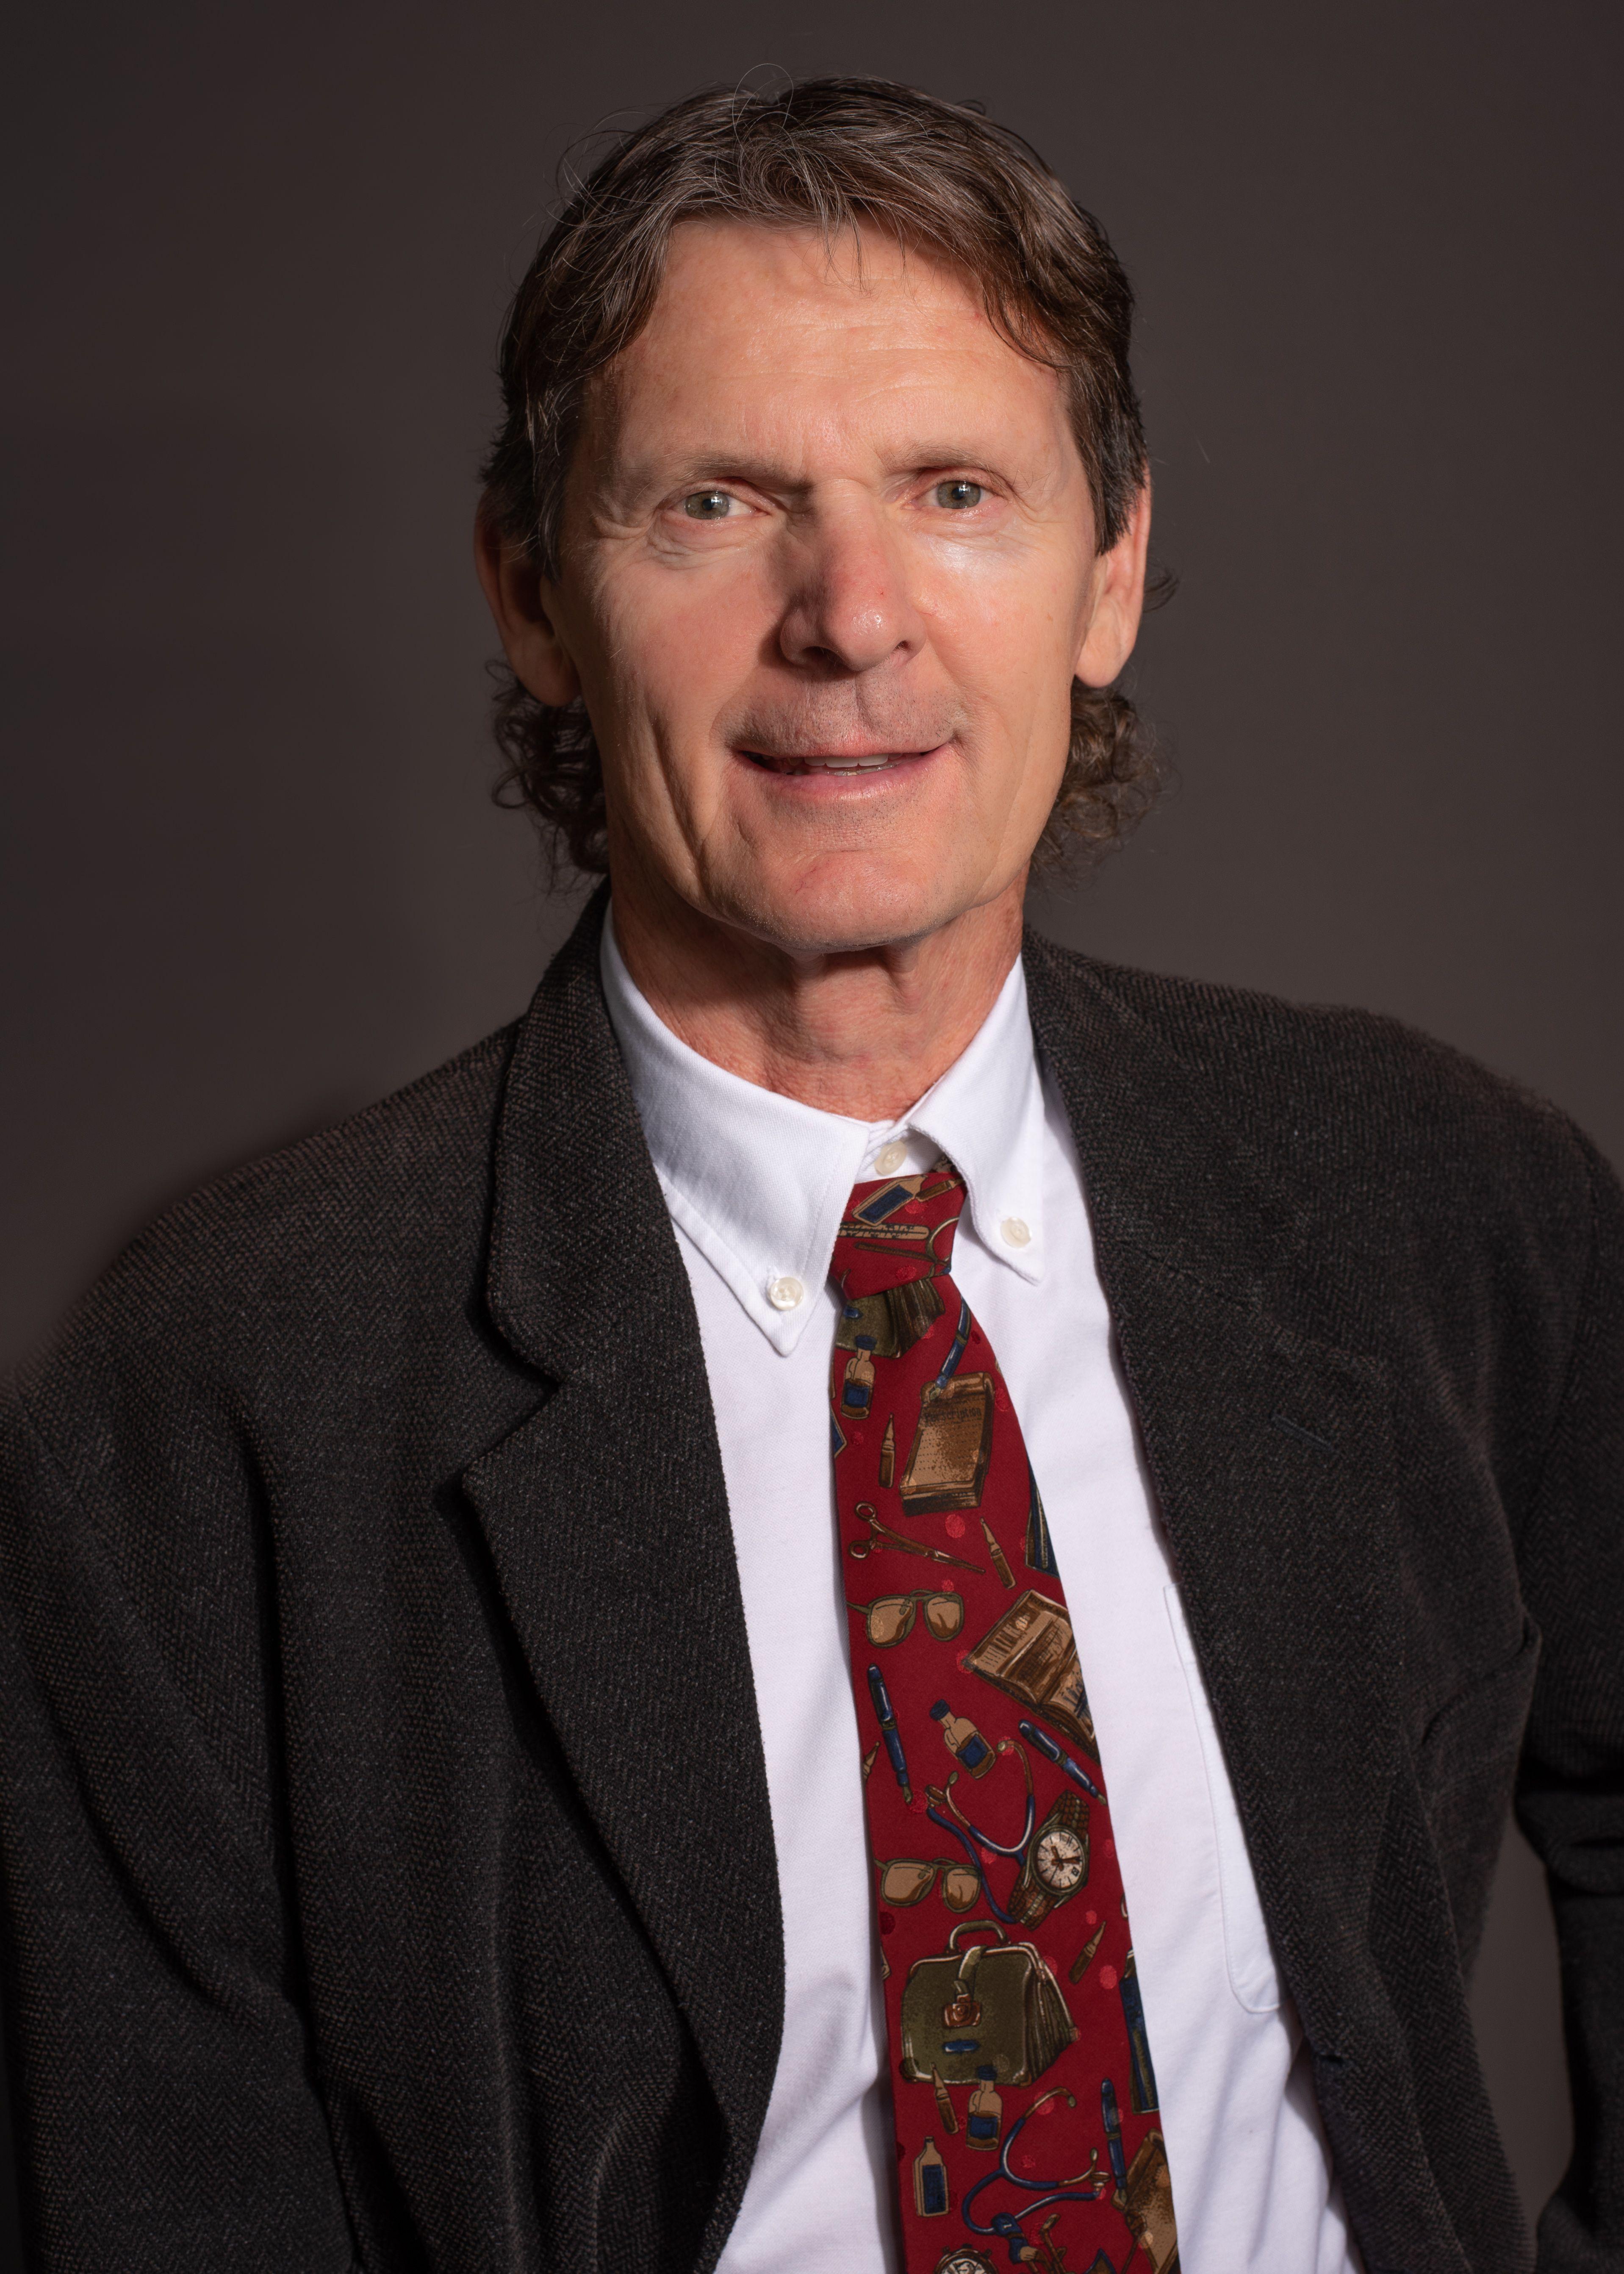 Dr. Erling Martinson